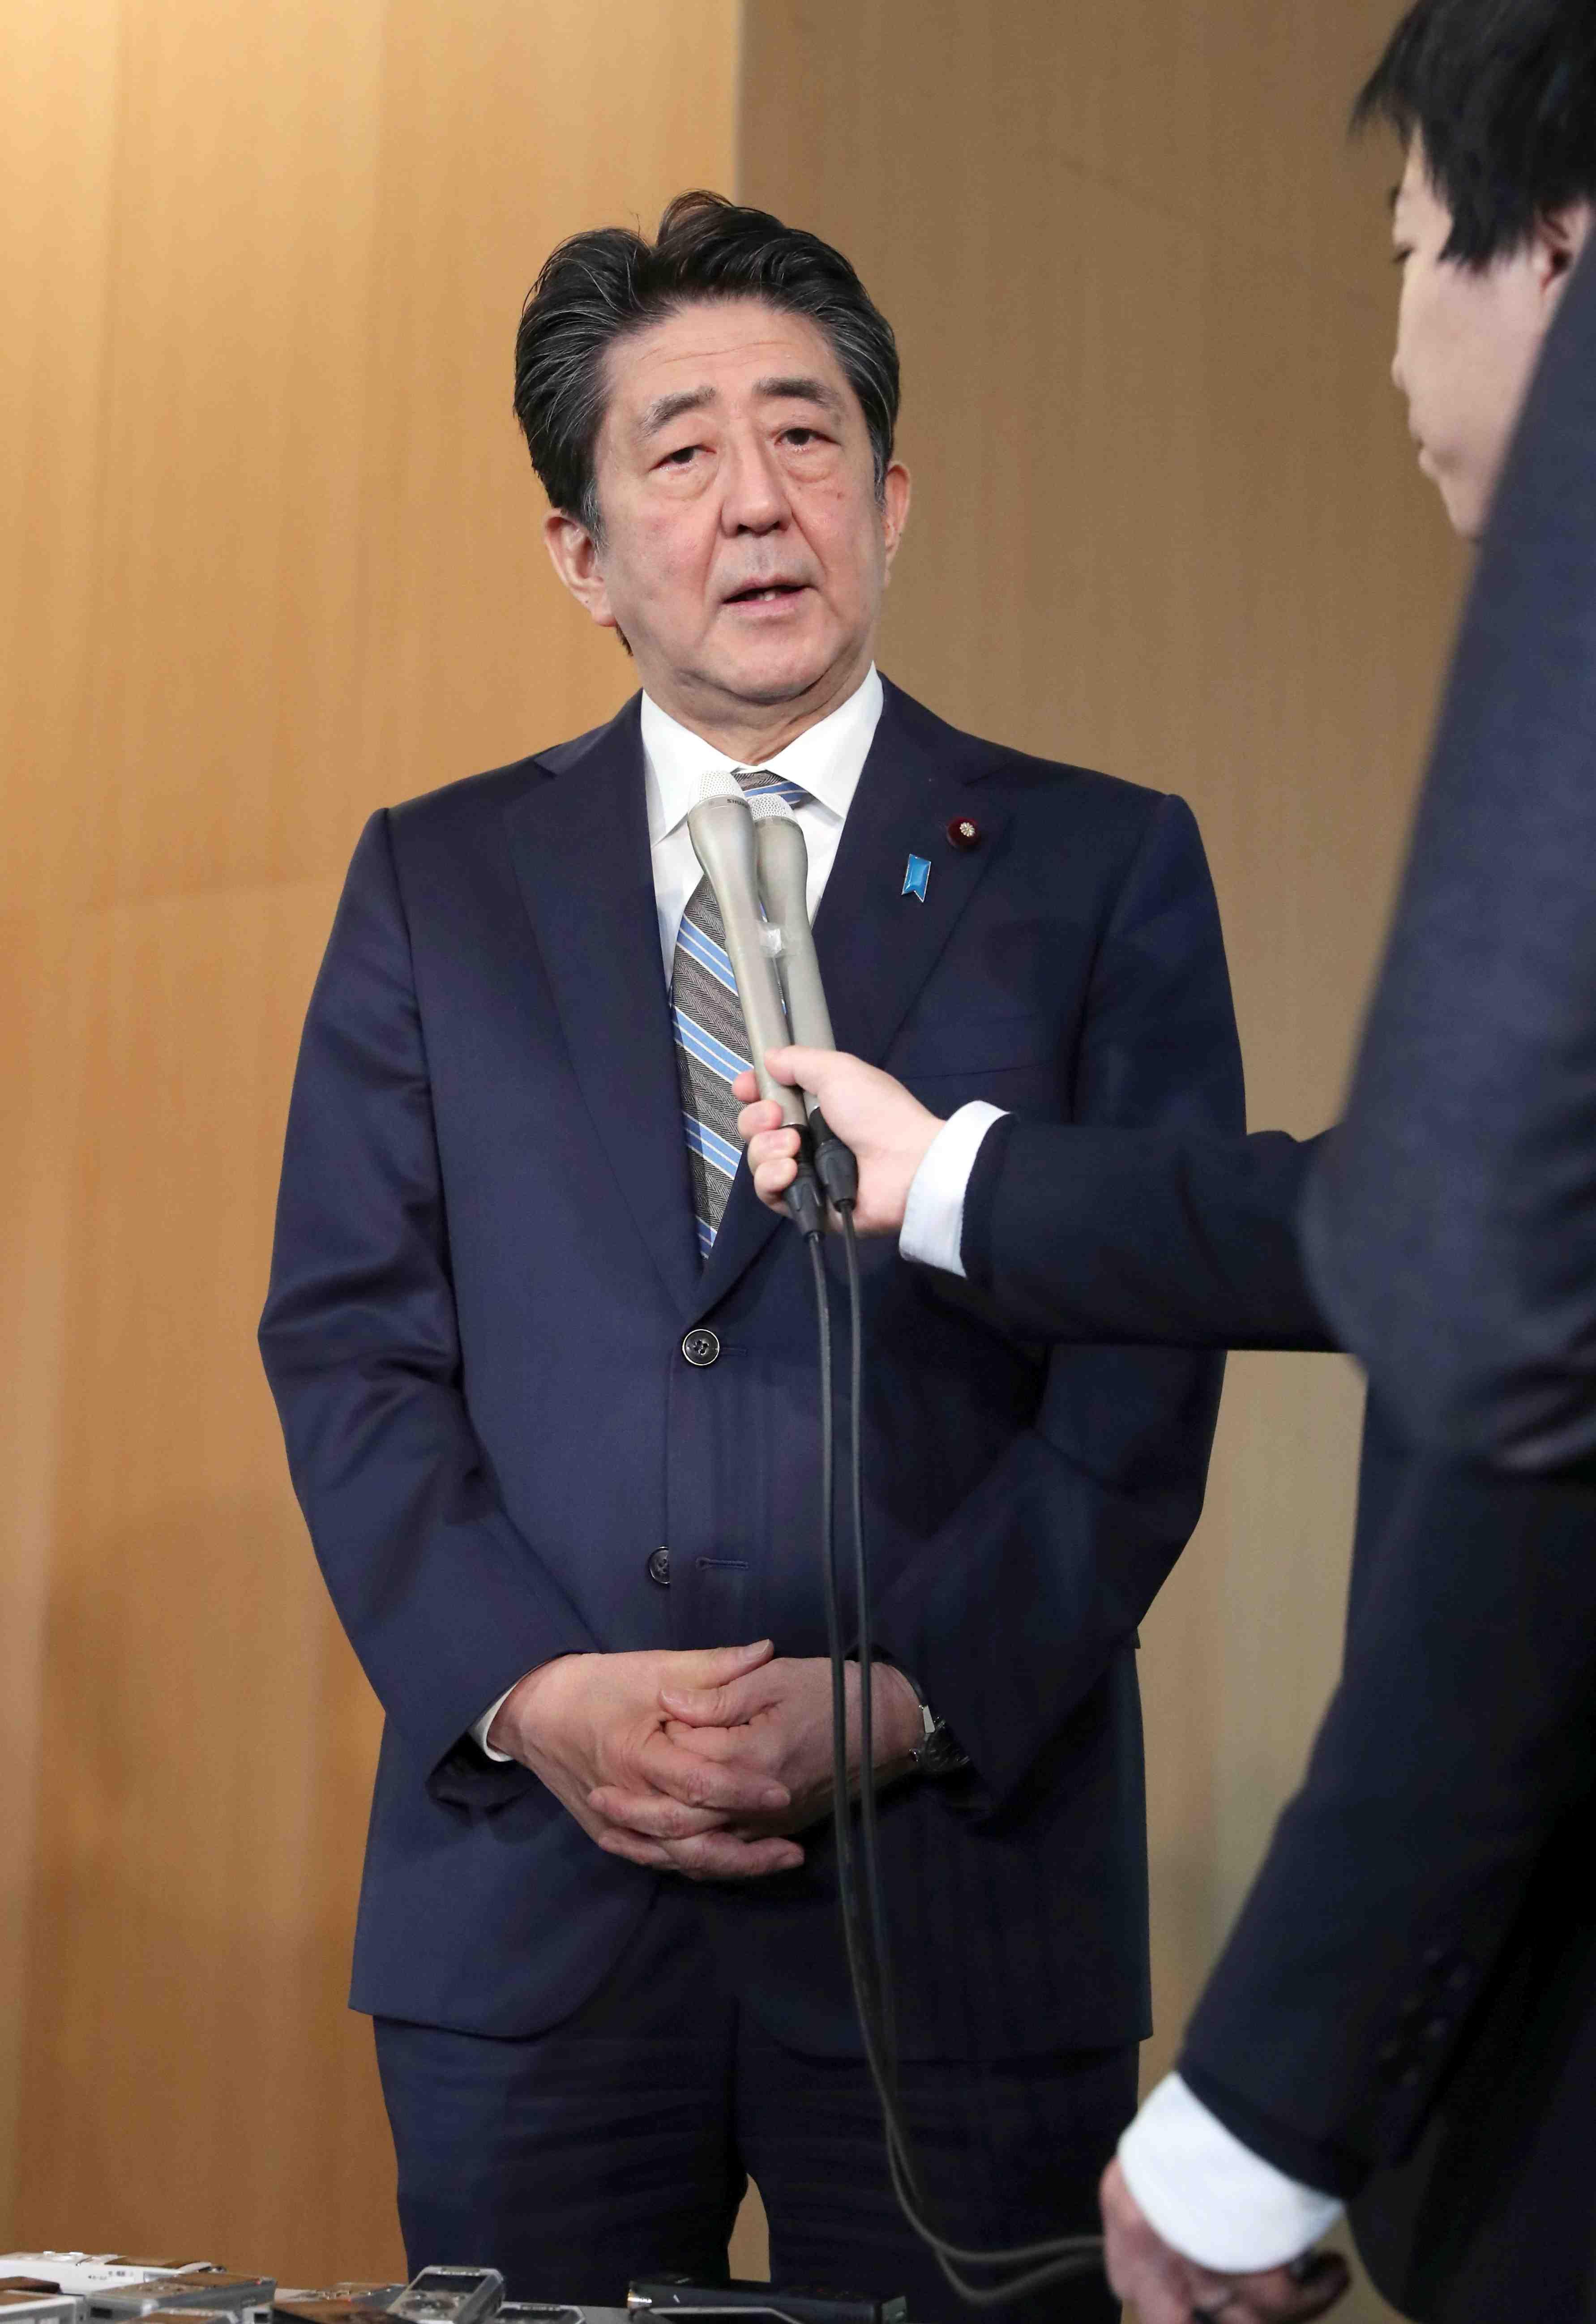 Prime Minister Shinzo Abe North Korean Abductions